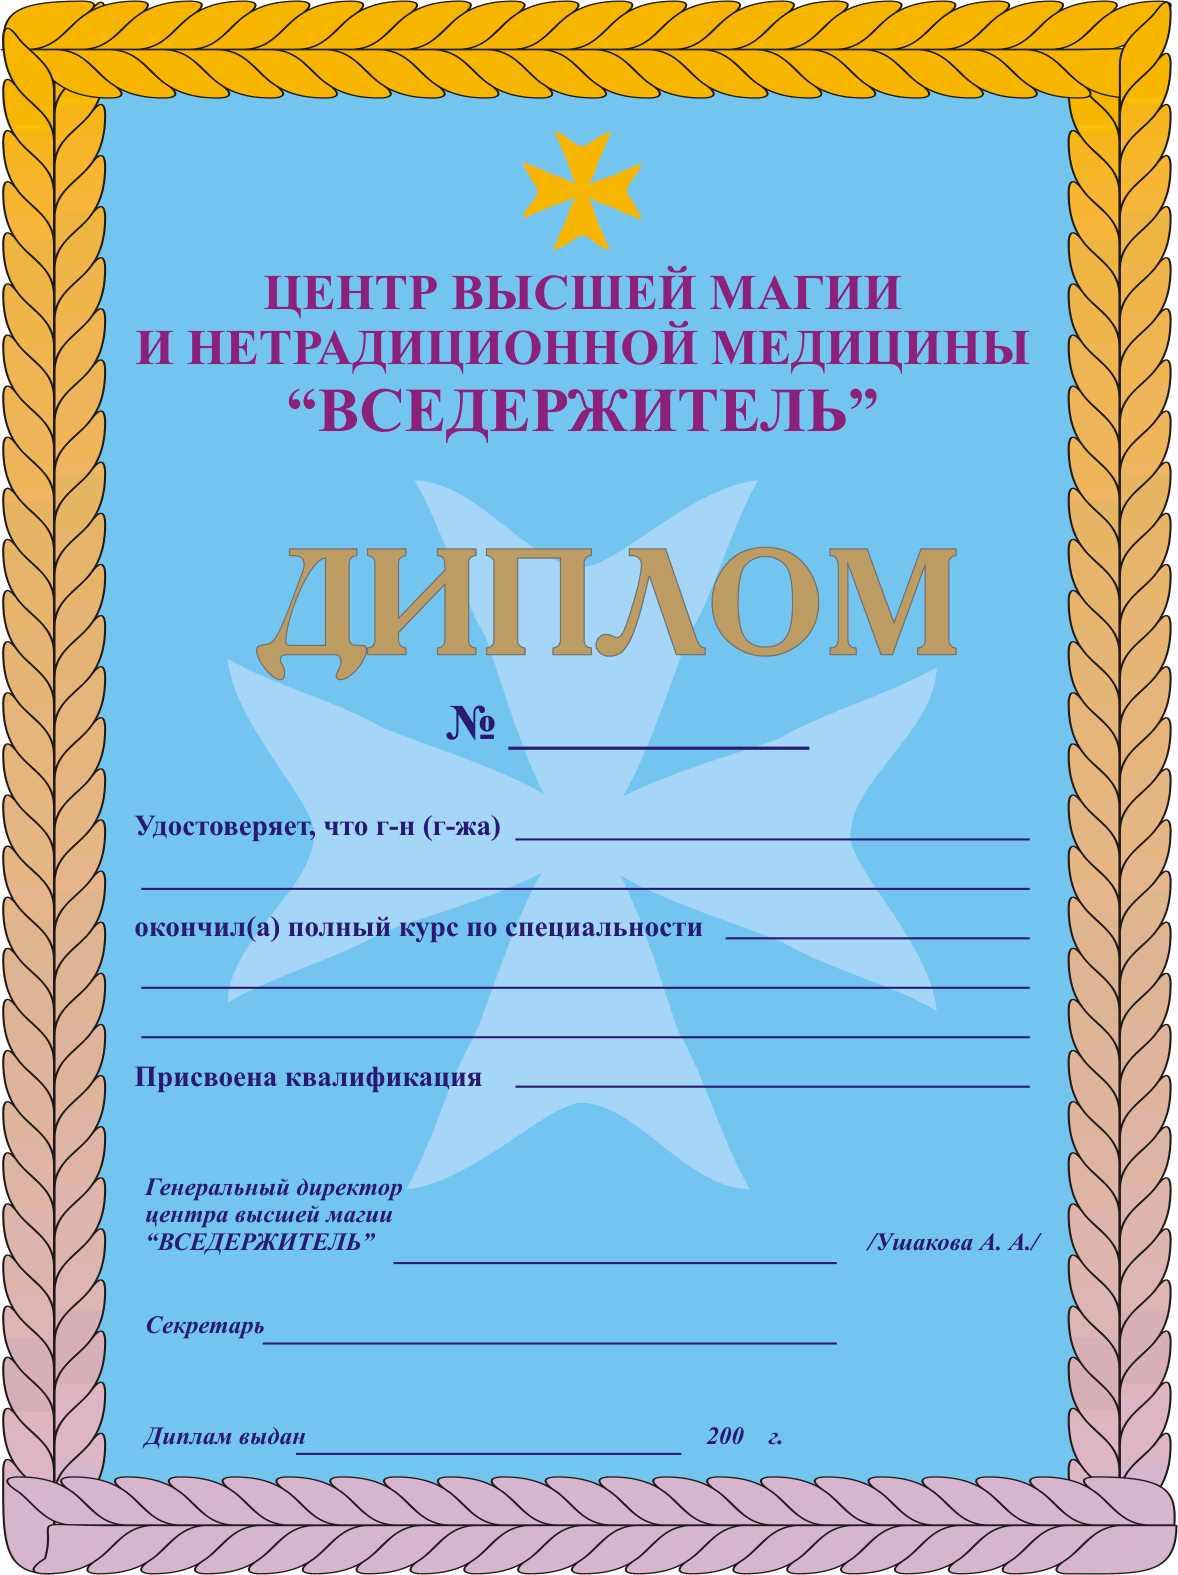 Примеры изготовления дипломов Примеры дипломов